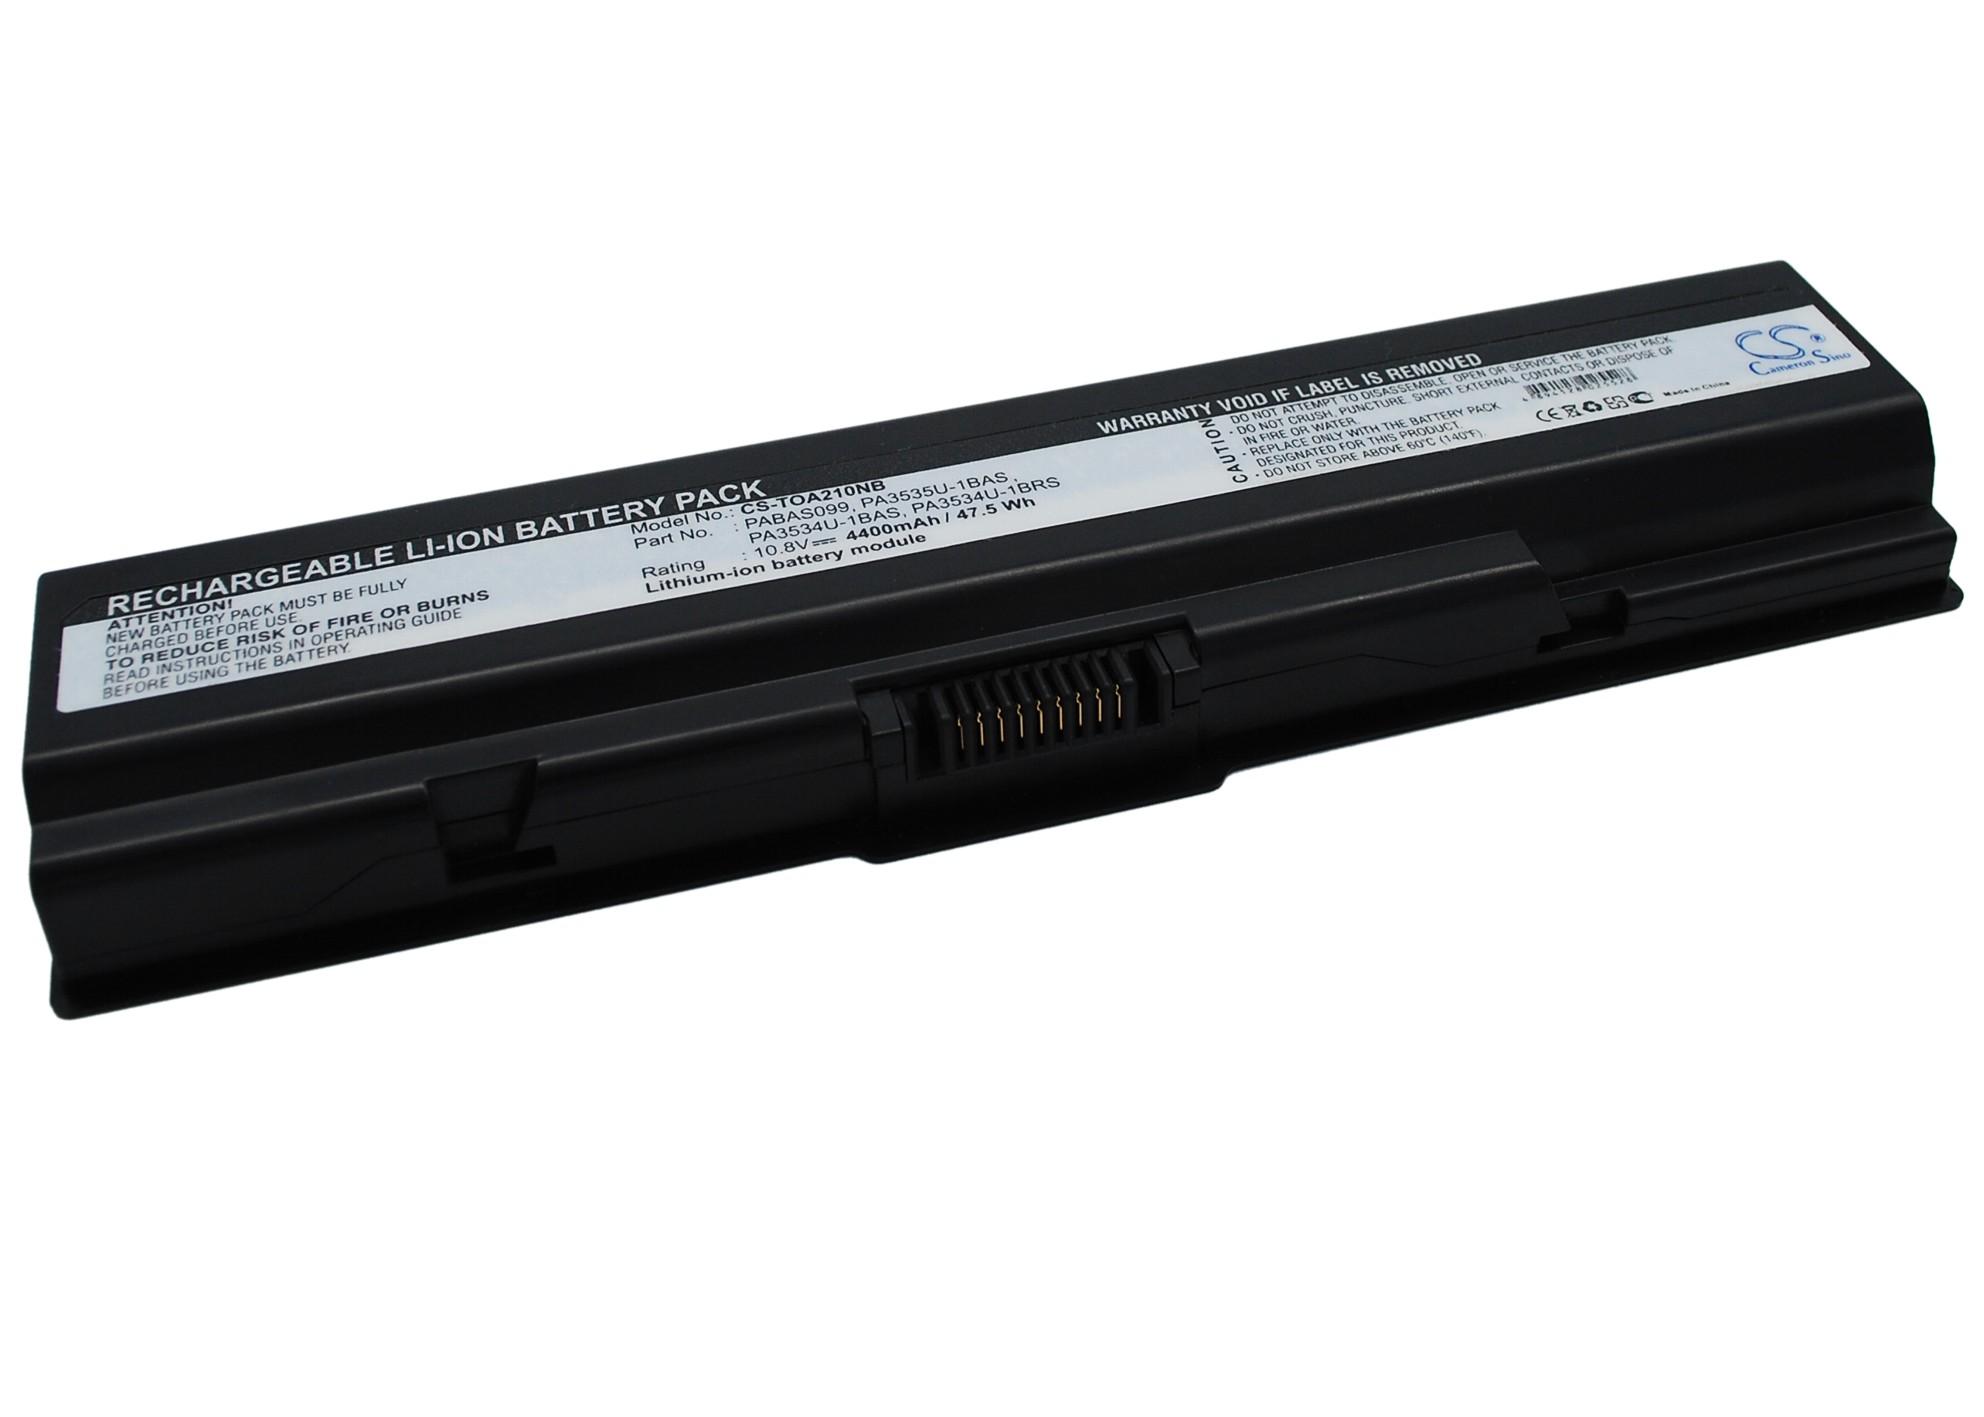 Cameron Sino baterie do notebooků pro TOSHIBA Satellite L505-ES5033 10.8V Li-ion 4400mAh černá - neoriginální